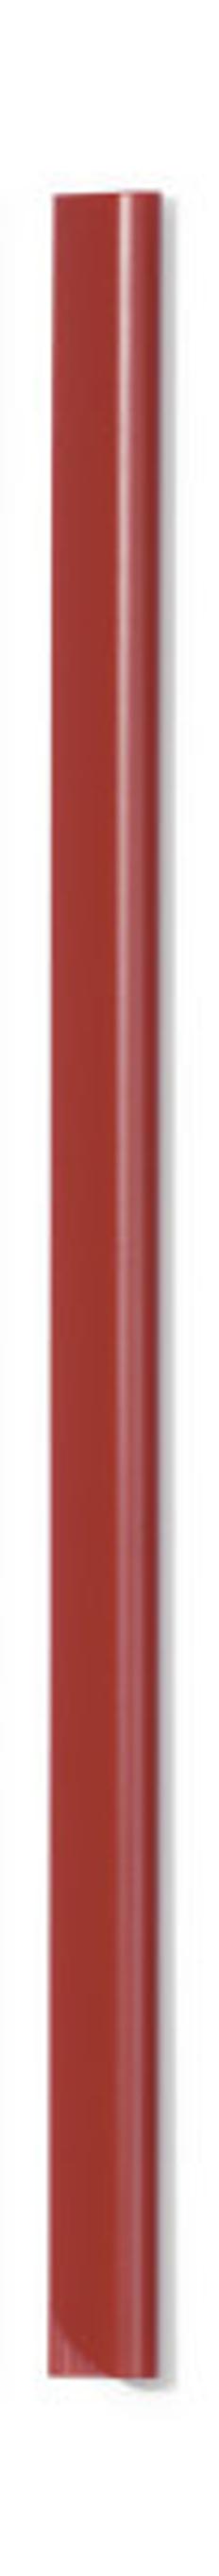 Скрепкошина для документов А4, 3 мм, красная фото